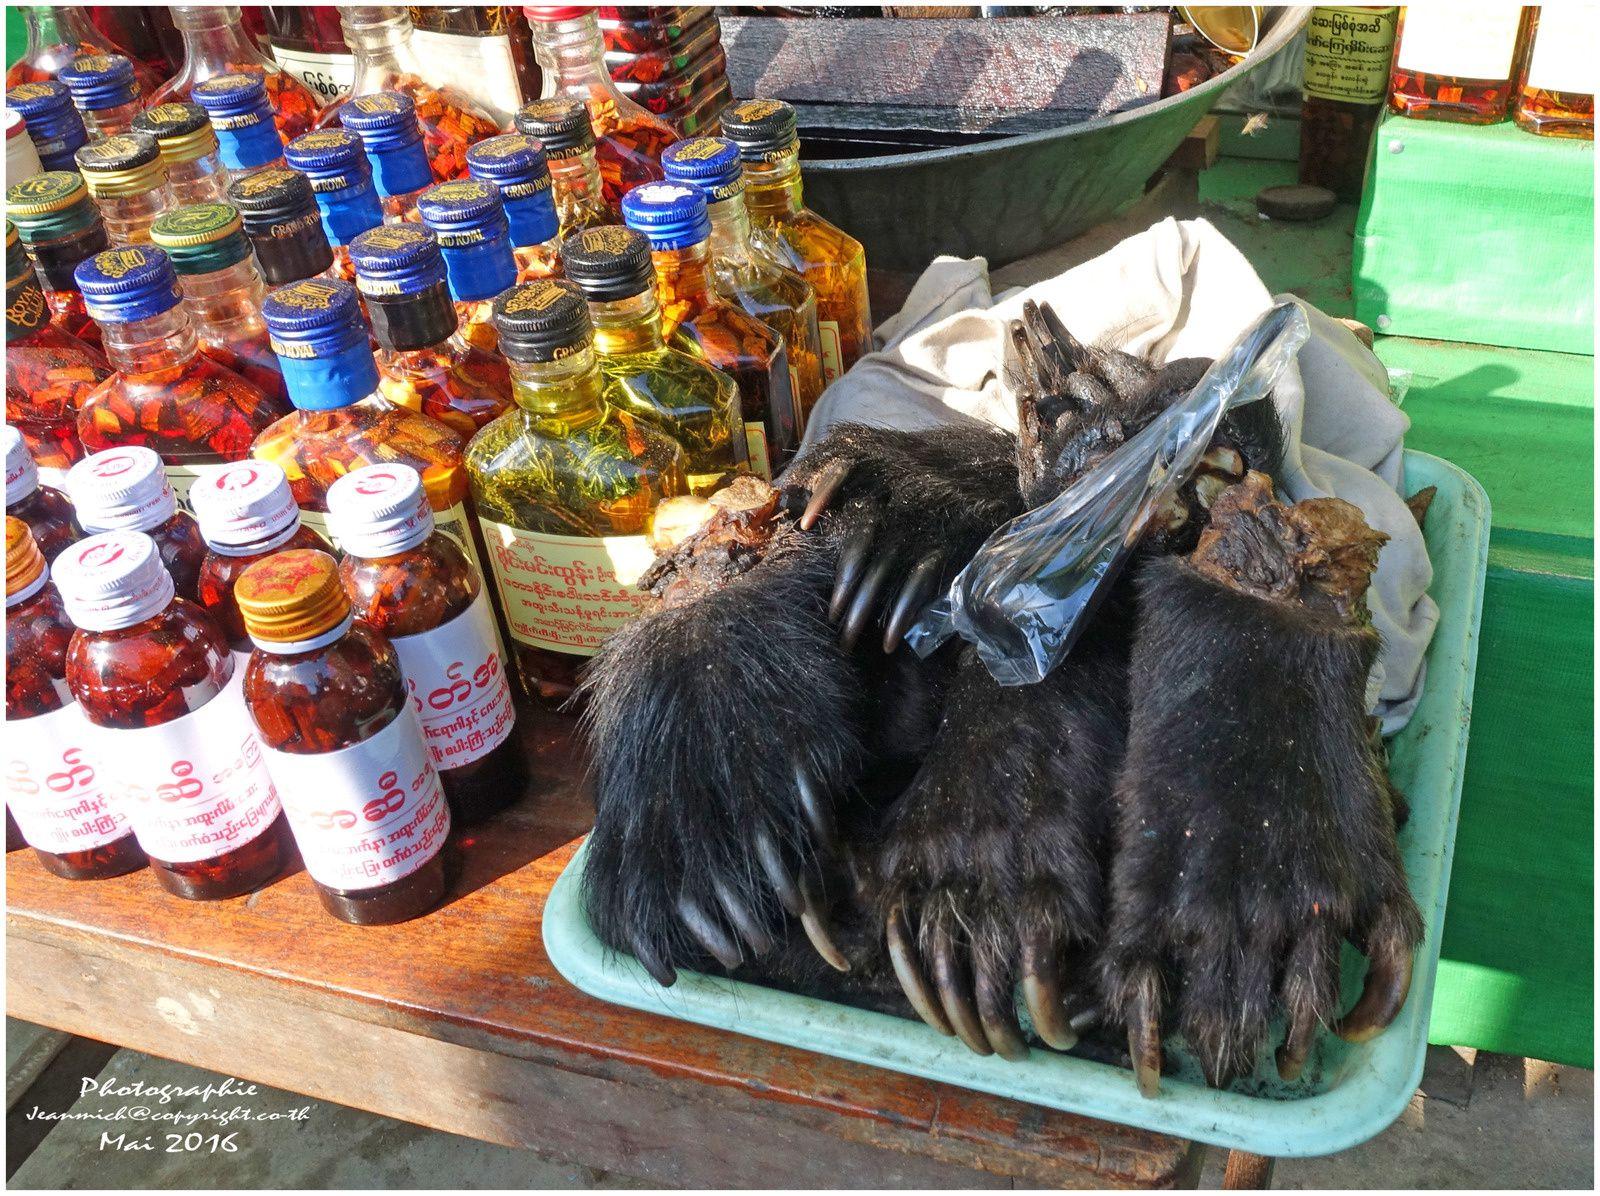 Qui veut des pattes d'ours.... Fraîcheur non garantie.....